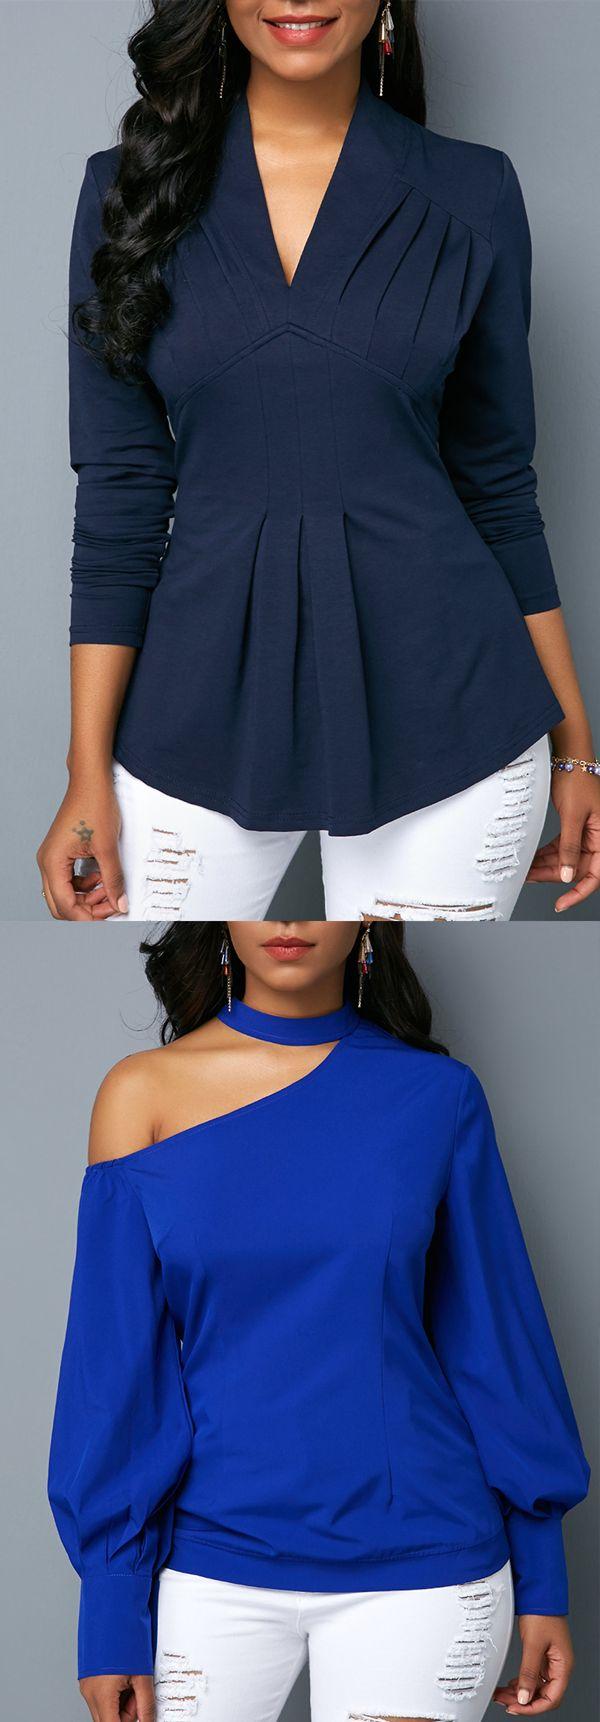 Long Sleeve V Neck Navy Chic Blouse For Women 11